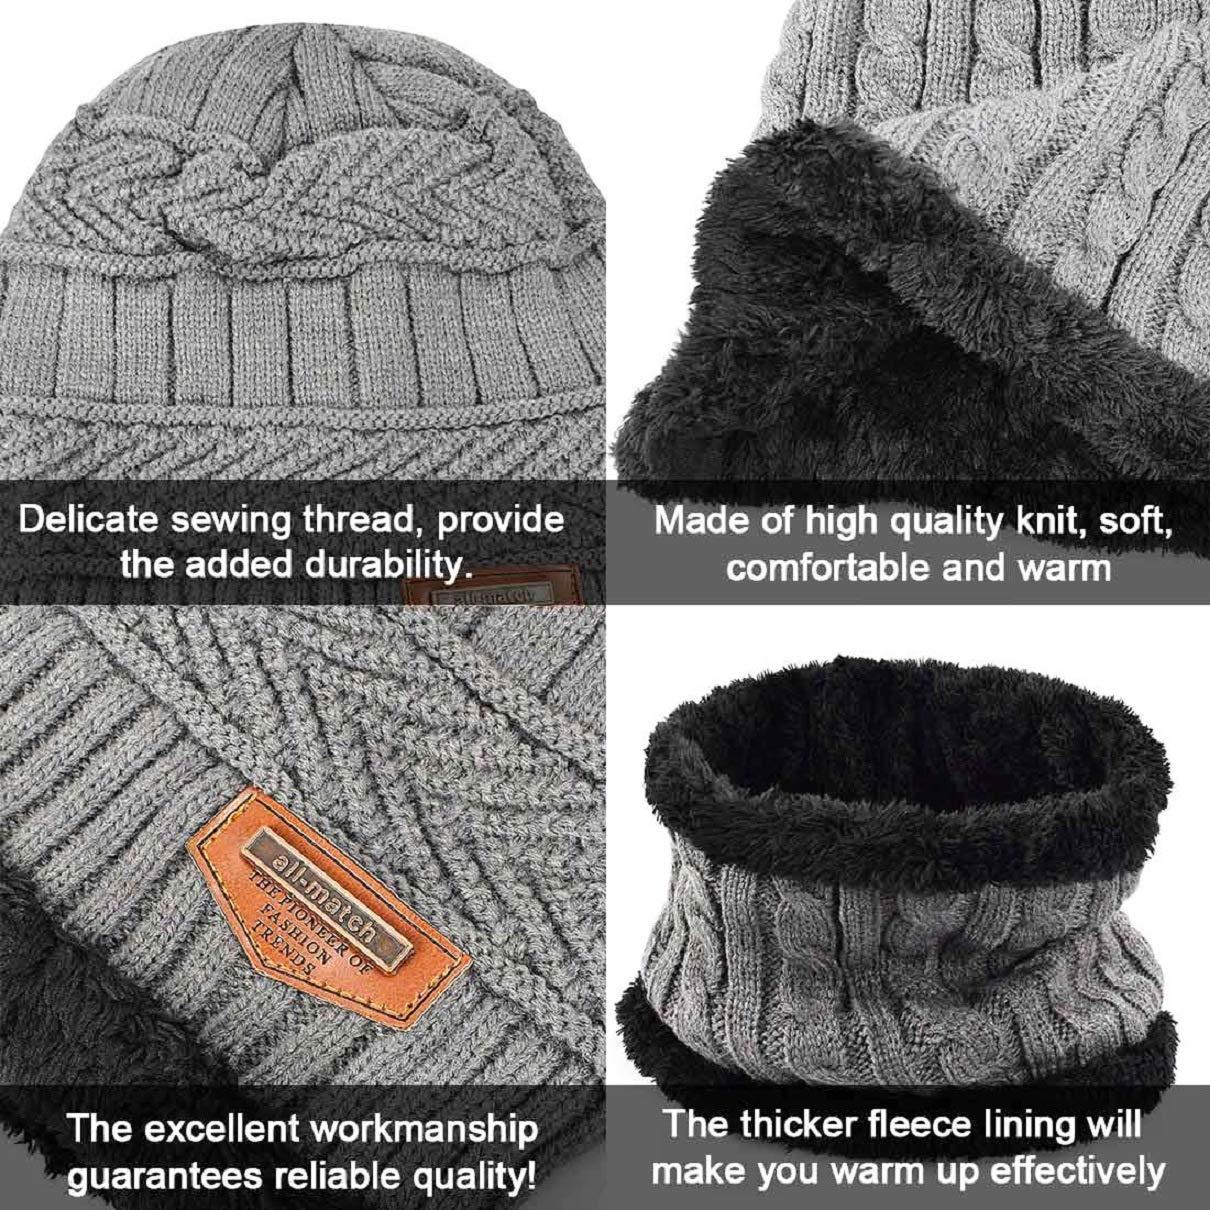 sciarpe lavorato a maglia guanti e sciarpa berretto corsa camminata scaldacollo set invernale con cappello Voqeen guanti per escursionismo